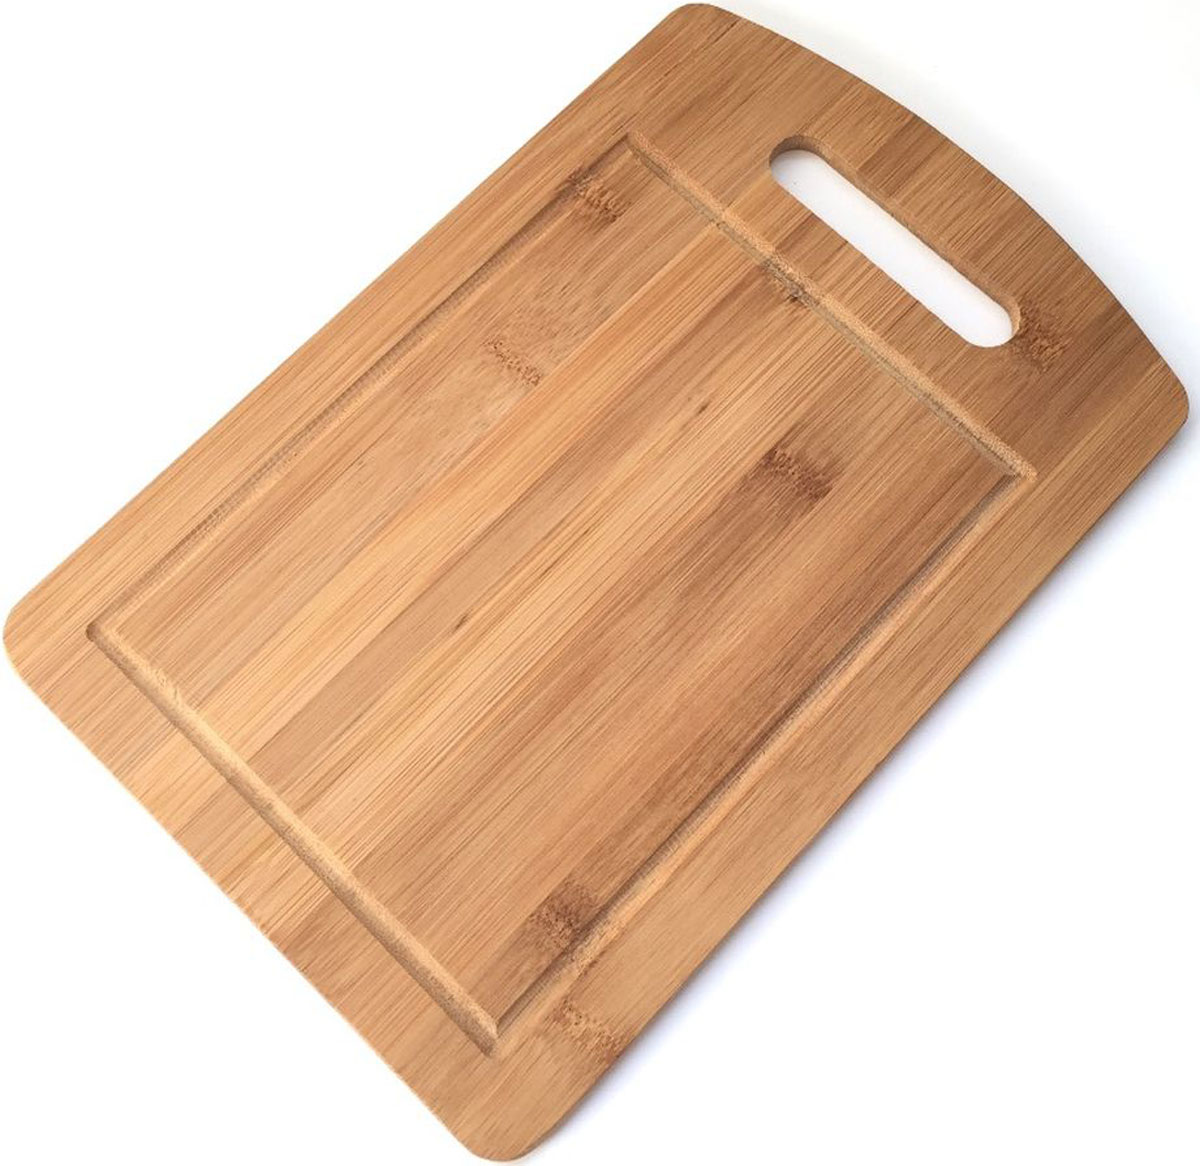 Доска разделочная Dommix, прямоугольная, 20 х 30 х 1 смBNB954Доска разделочная Dommix выполнена из натурального дерева и снабжена удобной ручкой.Прекрасно подходит для приготовления и сервировки пищи. Особенности разделочной доски Dommix:высокое качество шлифовки поверхности изделий, двухслойное покрытие пищевым лаком, безопасным для здоровья человека, степень влажности 8-10%, не трескается и не рассыхается, высокая плотность структуры древесины,устойчива к механическим воздействиям,не предназначена для мытья в посудомоечной машине.